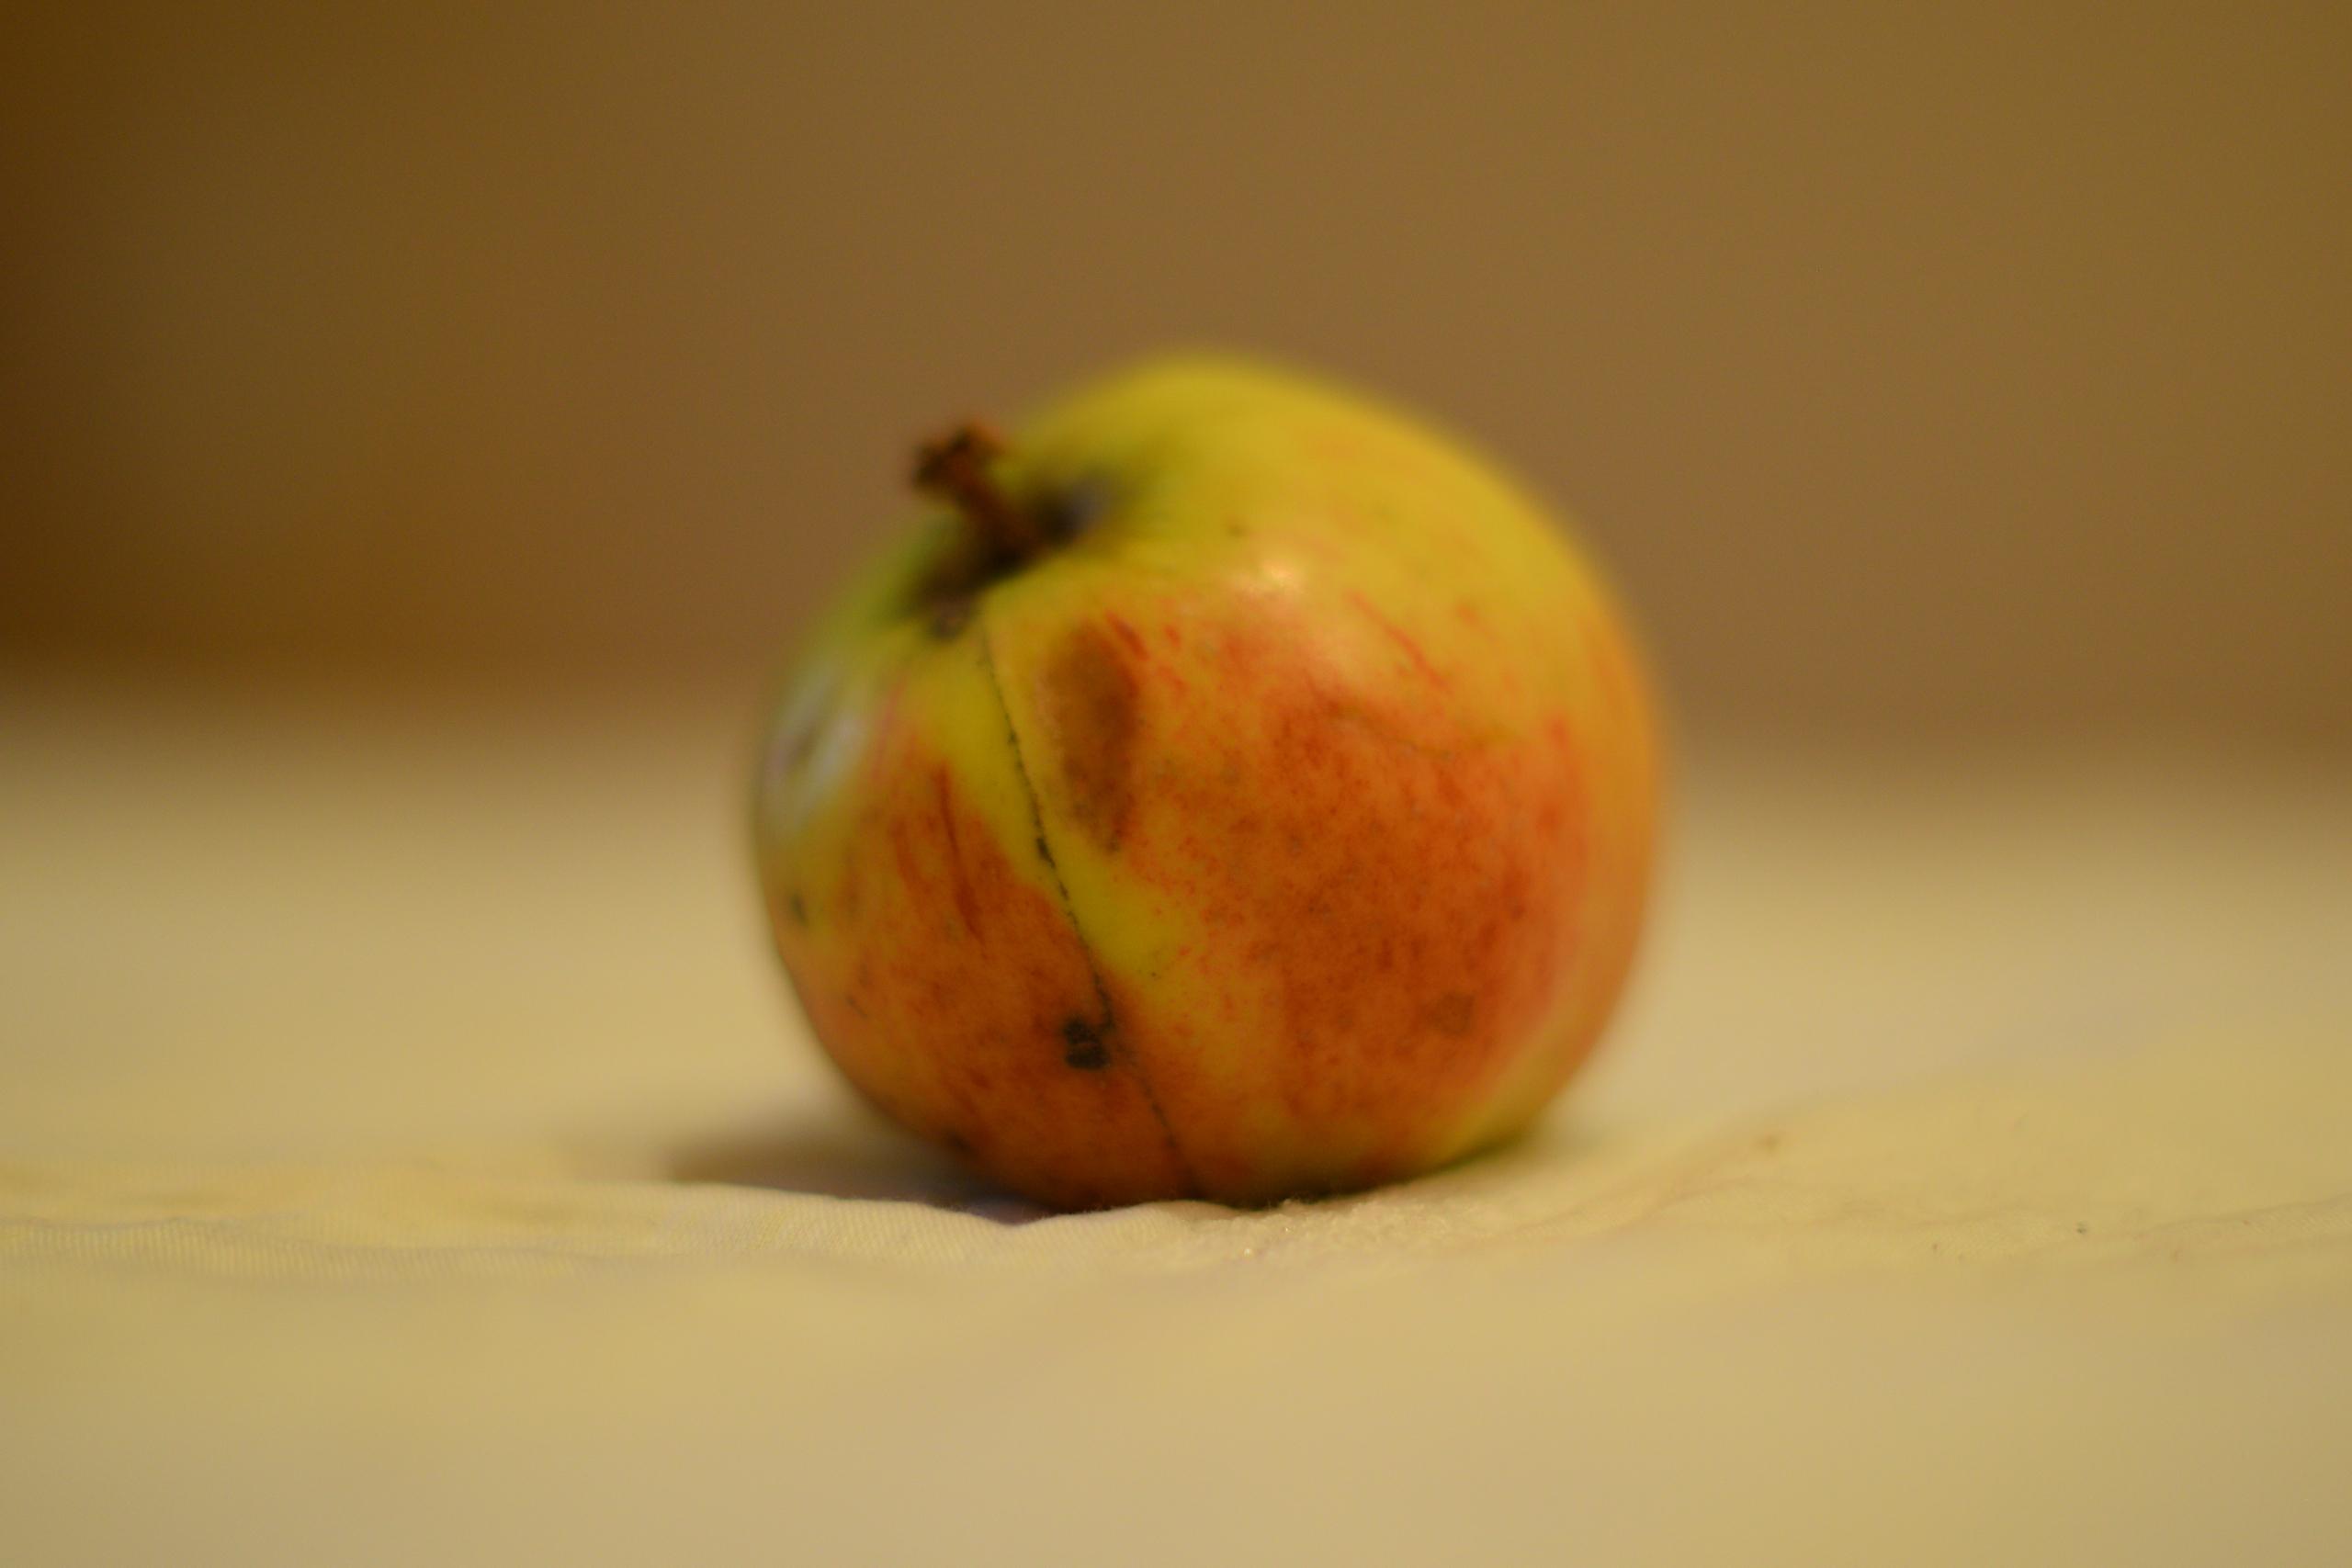 на первом фото яблоко не в резкости,сделано оно чтобы в резкость попала складка материи перед яблоком.